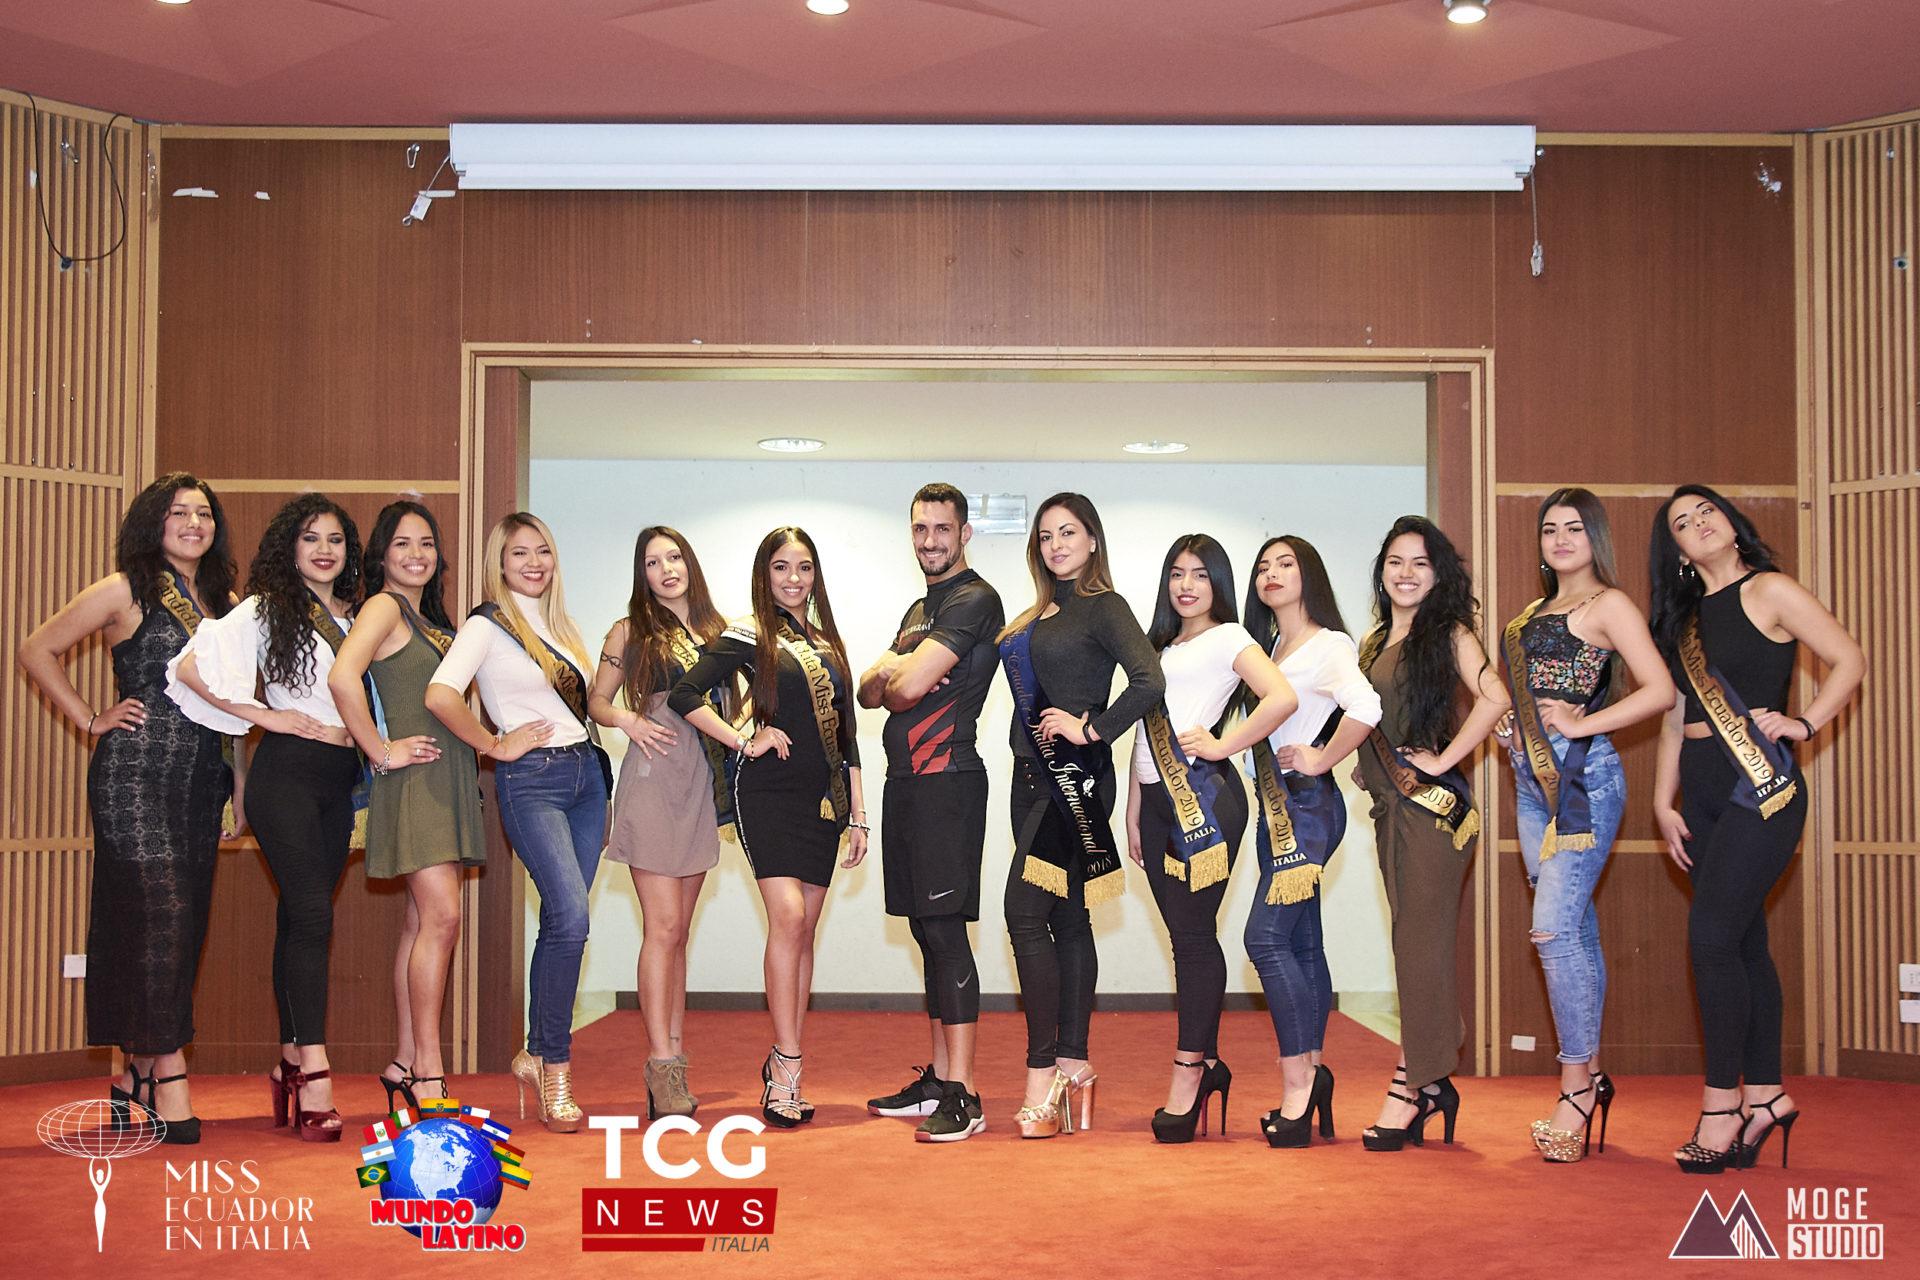 La defensa personal es parte de la agenda de las candidatas a  Miss Ecuador en Italia 2019